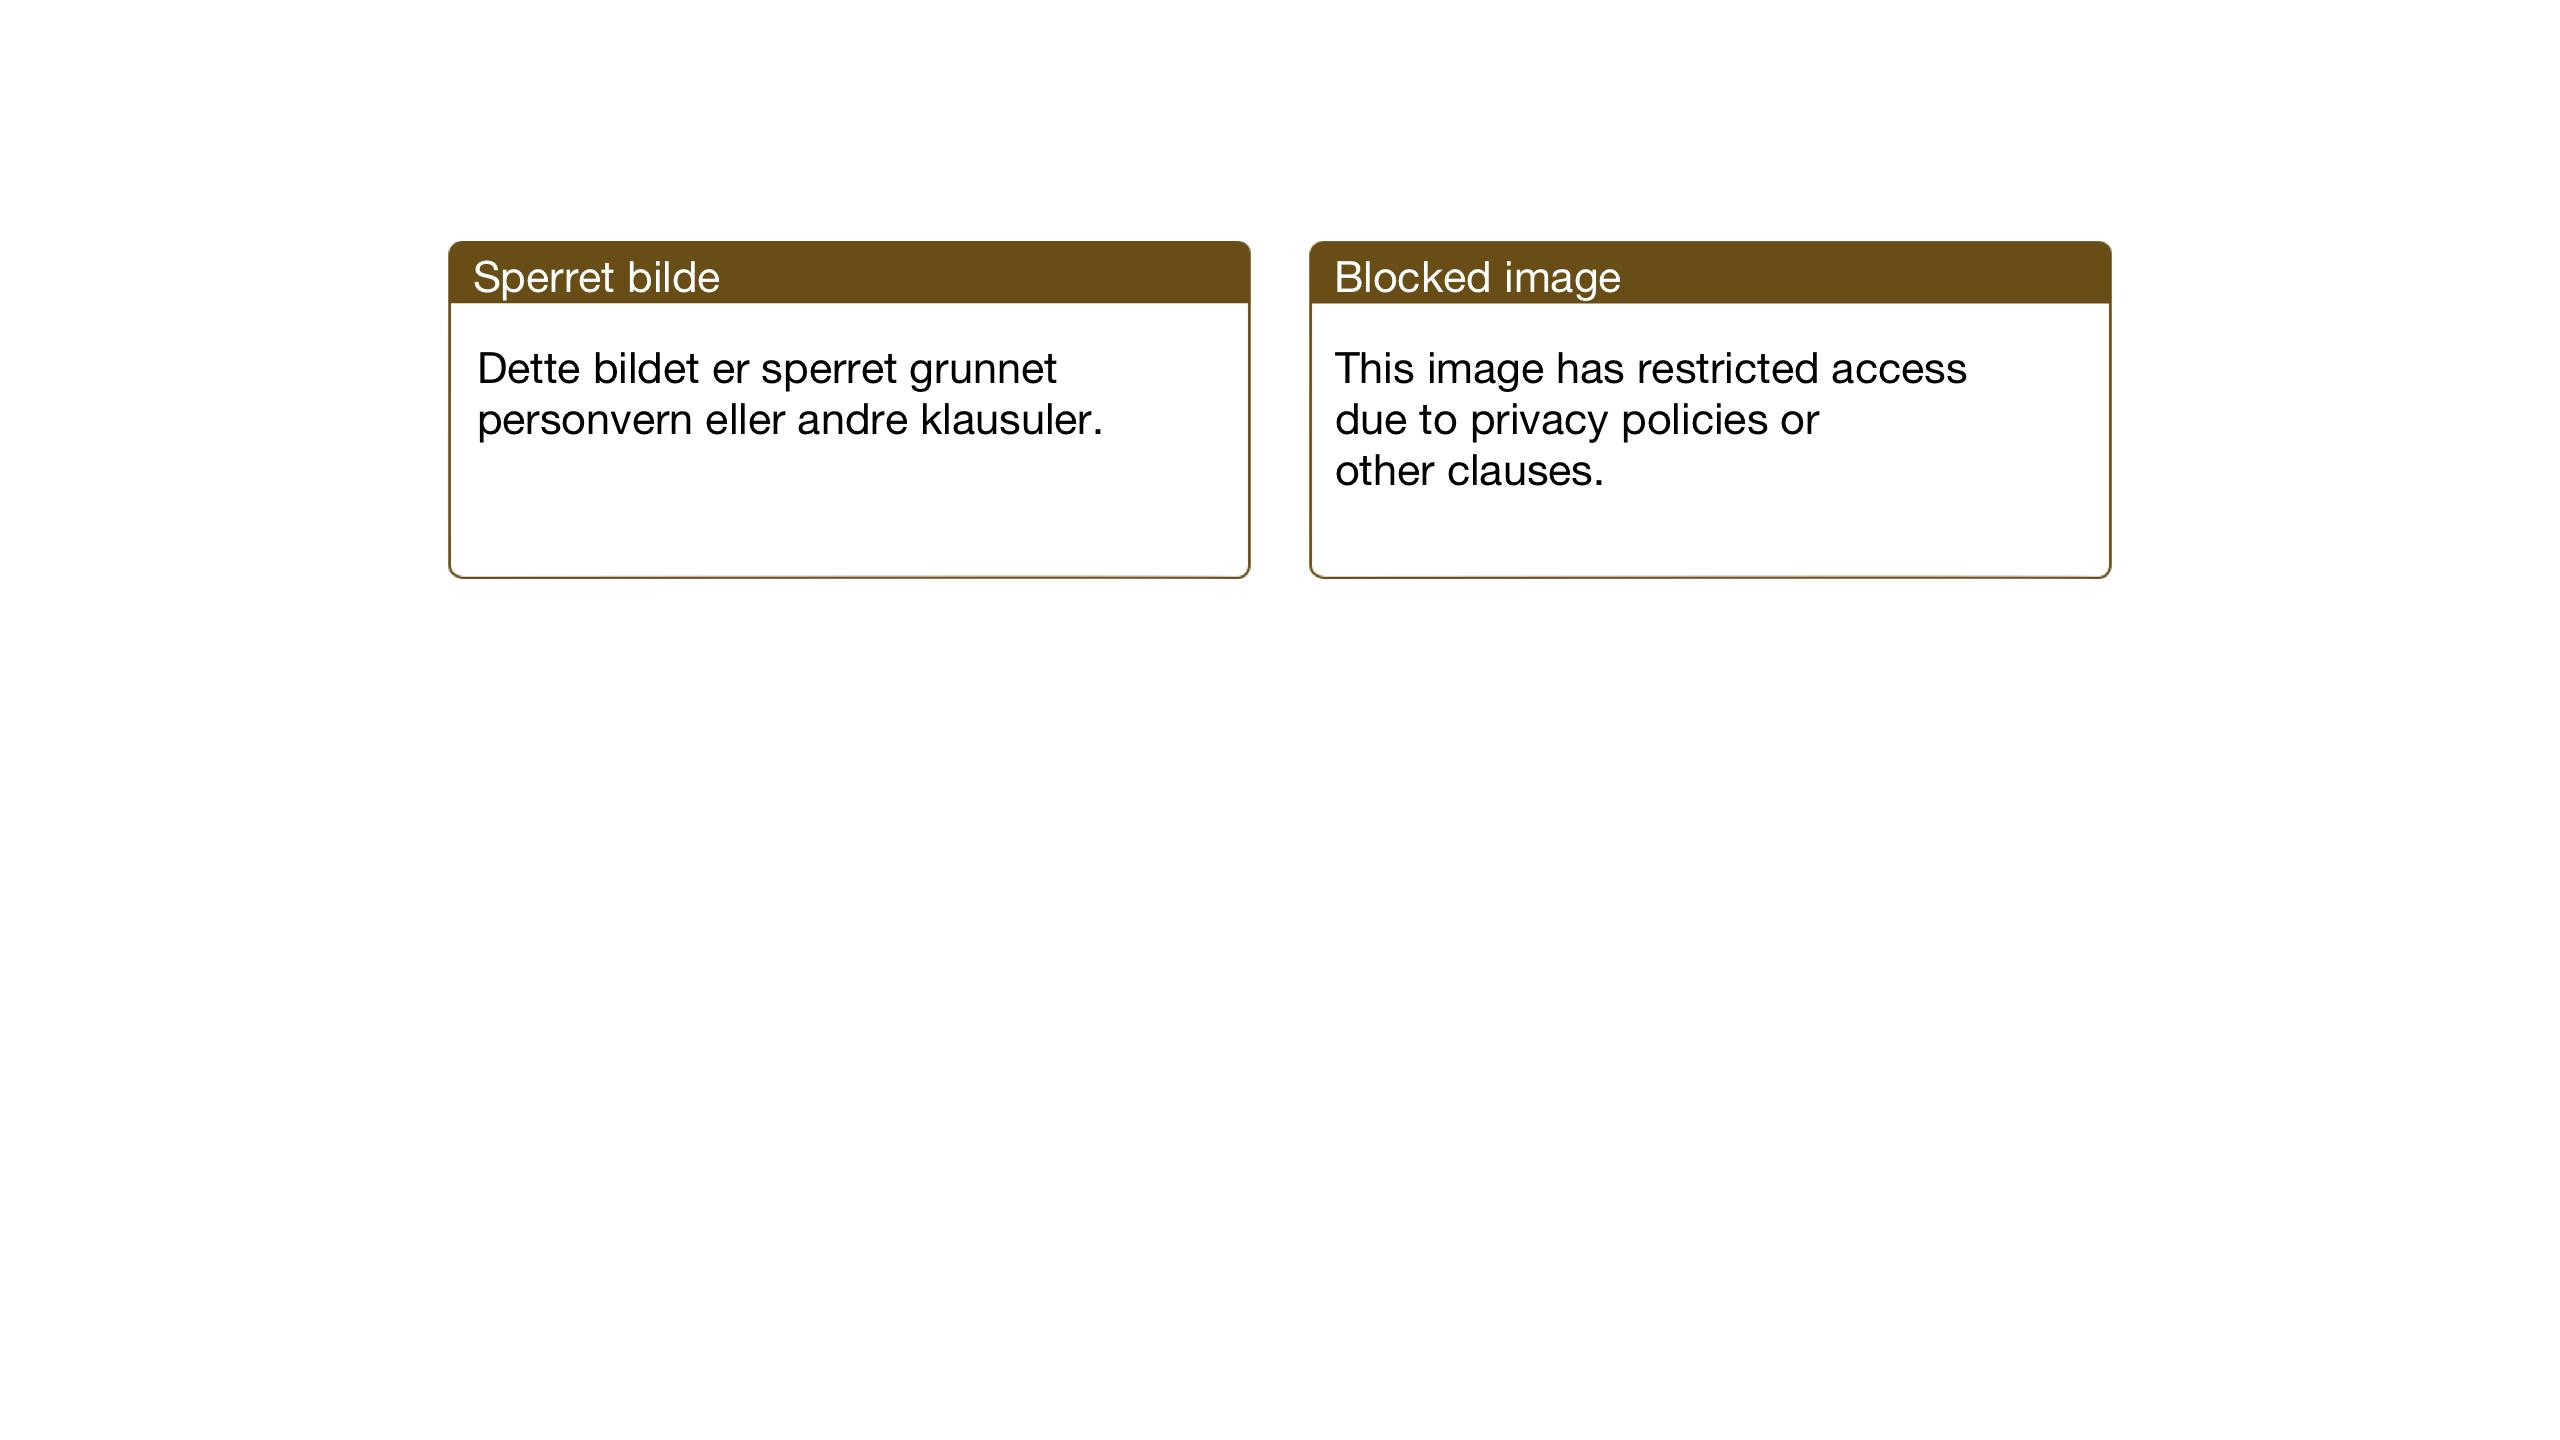 SAT, Ministerialprotokoller, klokkerbøker og fødselsregistre - Sør-Trøndelag, 608/L0343: Klokkerbok nr. 608C09, 1938-1952, s. 25